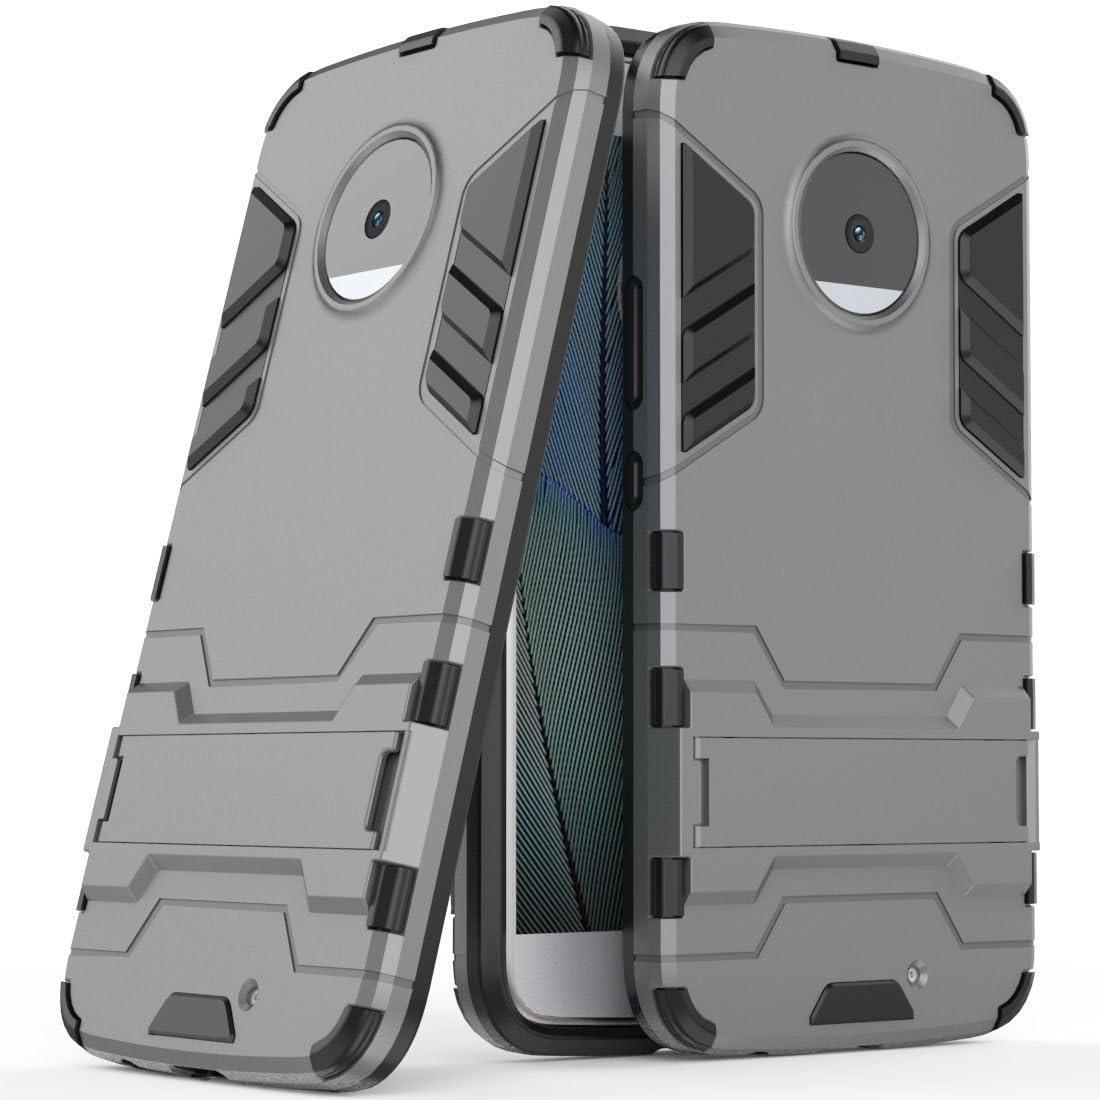 Funda para Motorola Moto X4 (5,2 Pulgadas) 2 en 1 Híbrida Rugged Armor Case Choque Absorción Protección Dual Layer Bumper Carcasa con Pata de Cabra (Gris): Amazon.es: Hogar